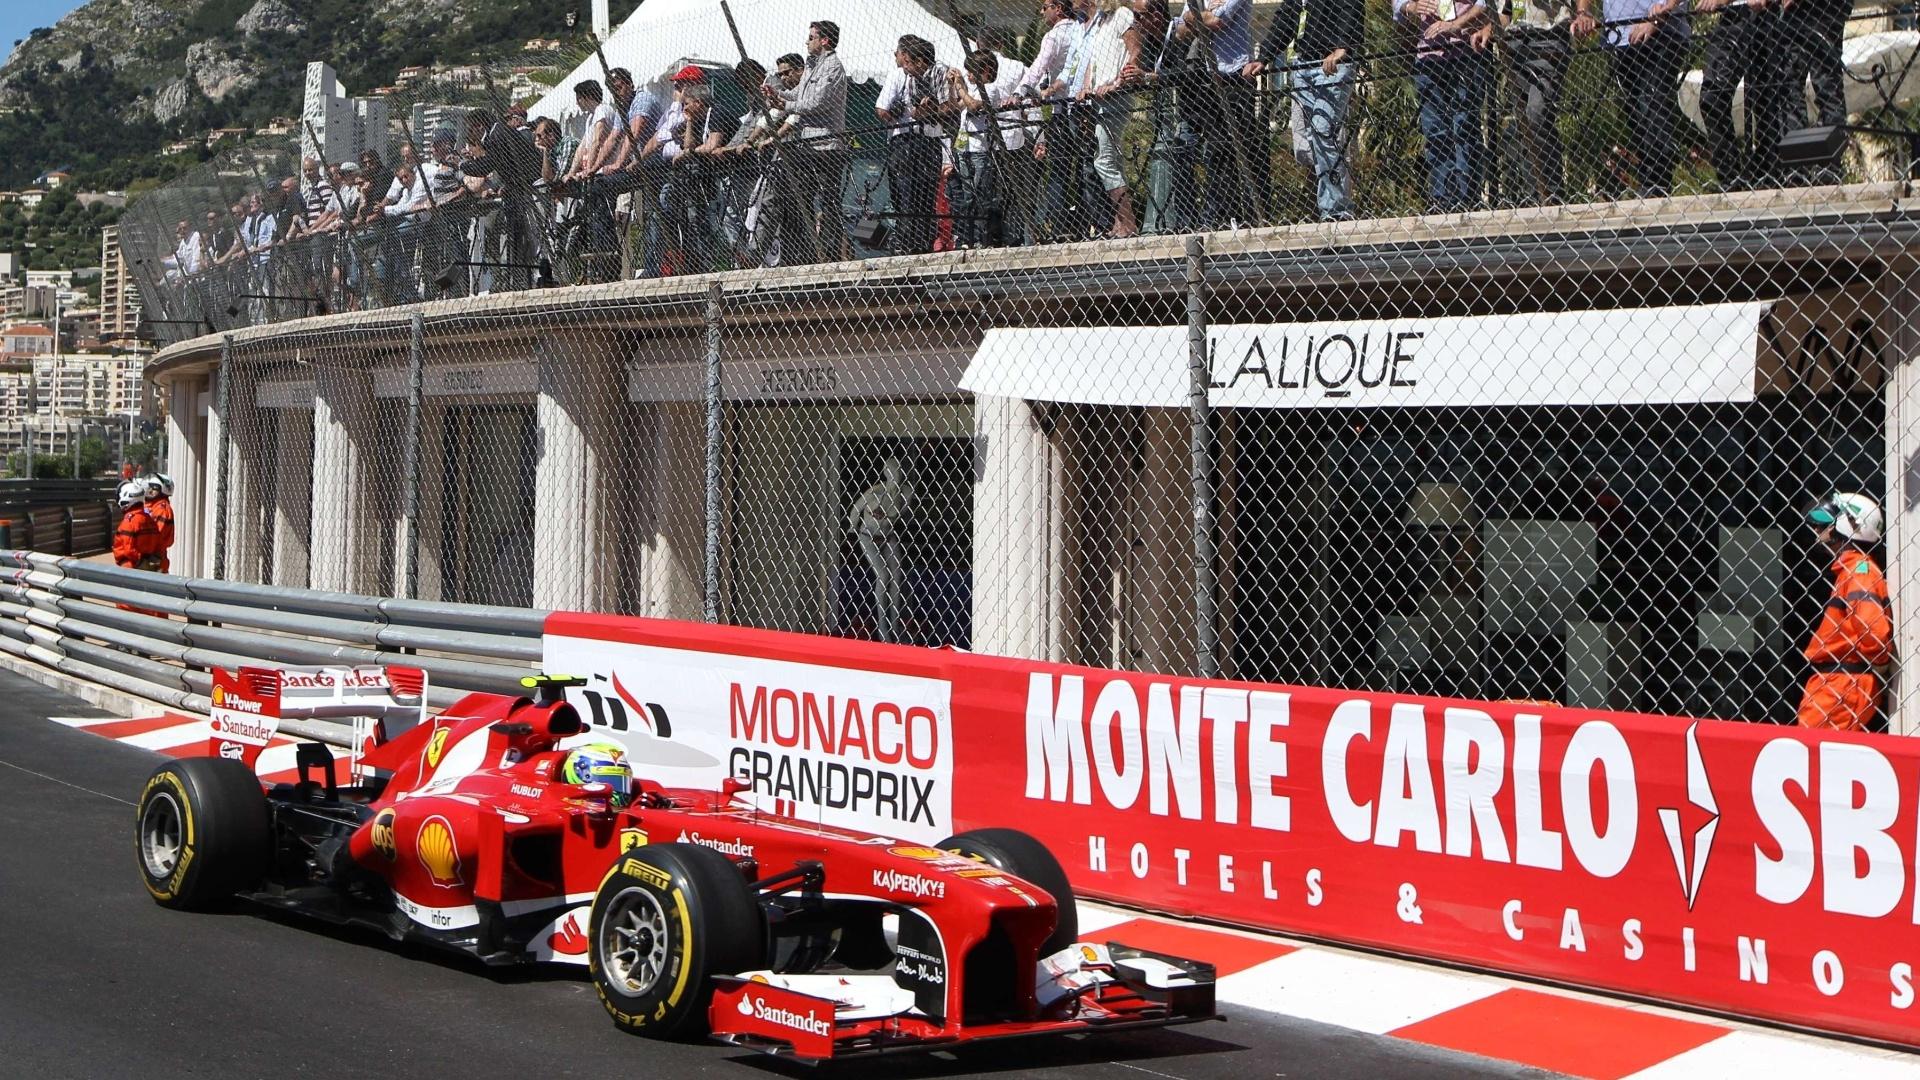 23.mai.2013 - Felipe Massa conduz sua Ferrari pelas ruas do principado de Mônaco durante os treinos livres